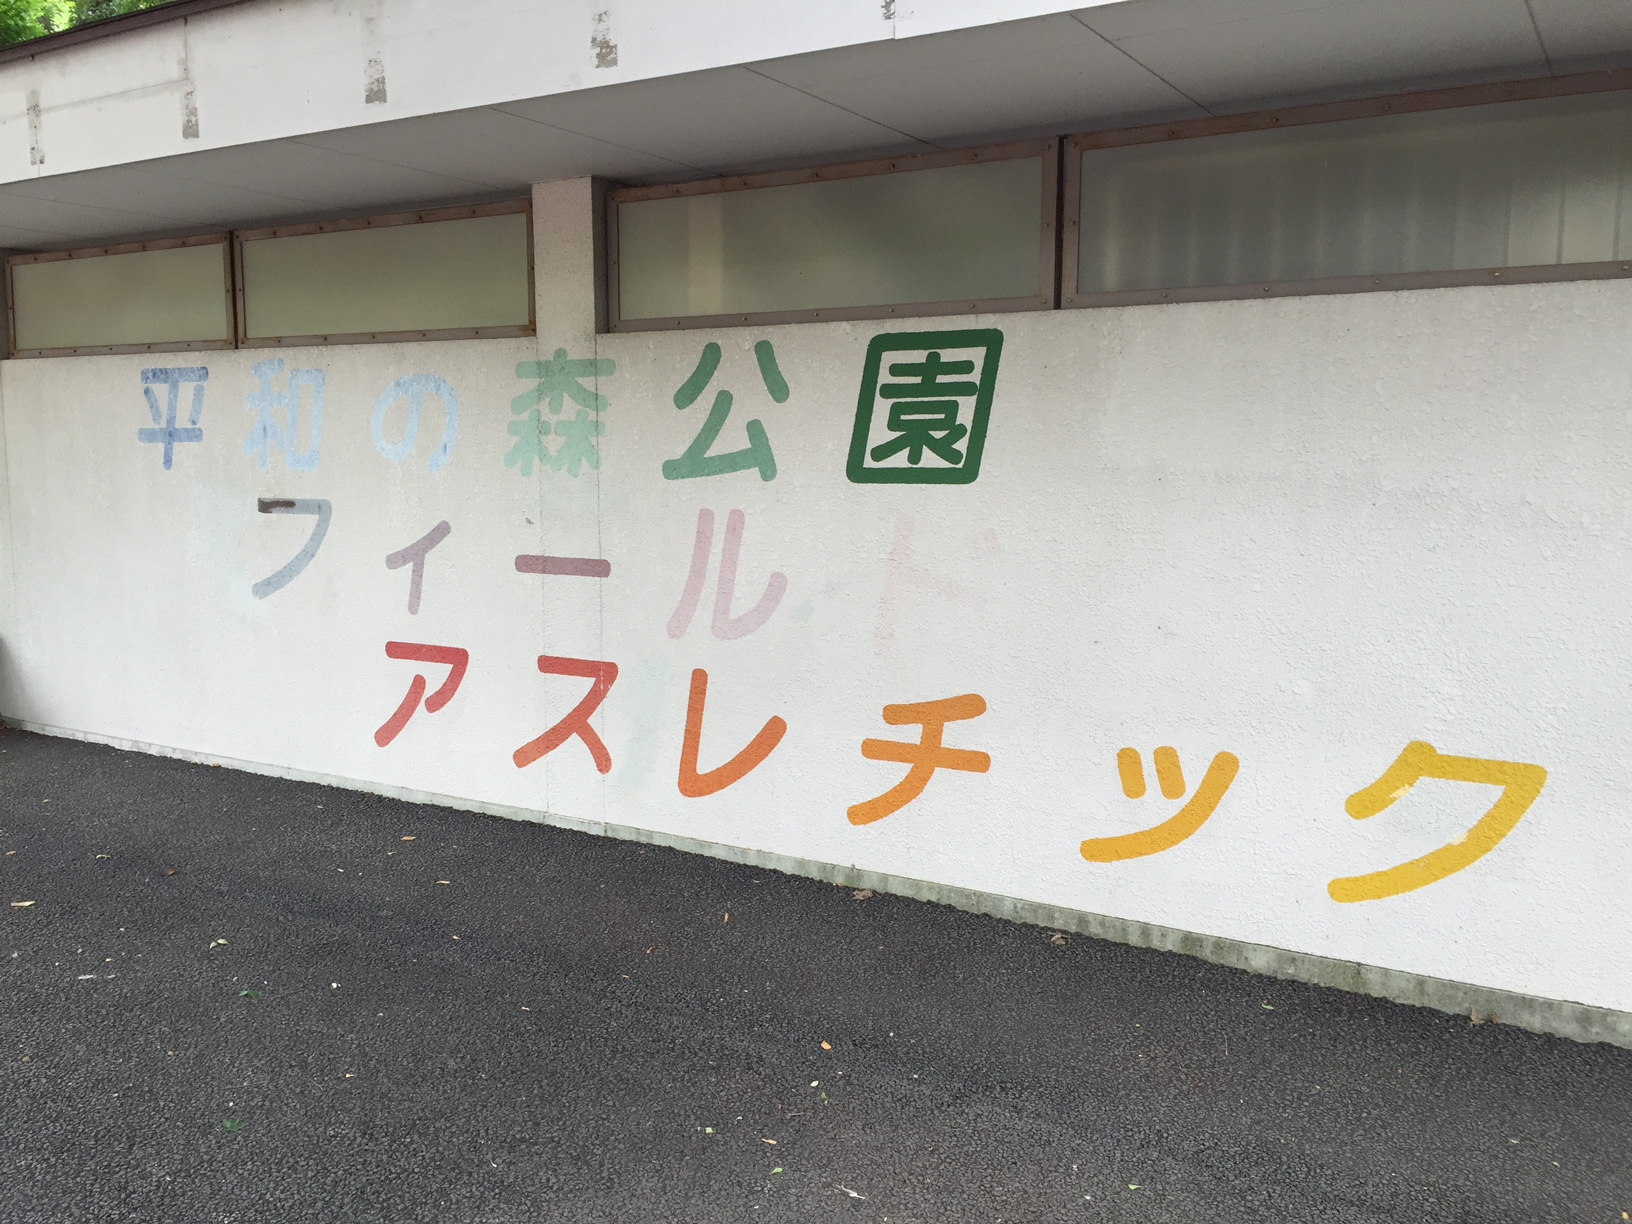 ポケモン go ジュゴン